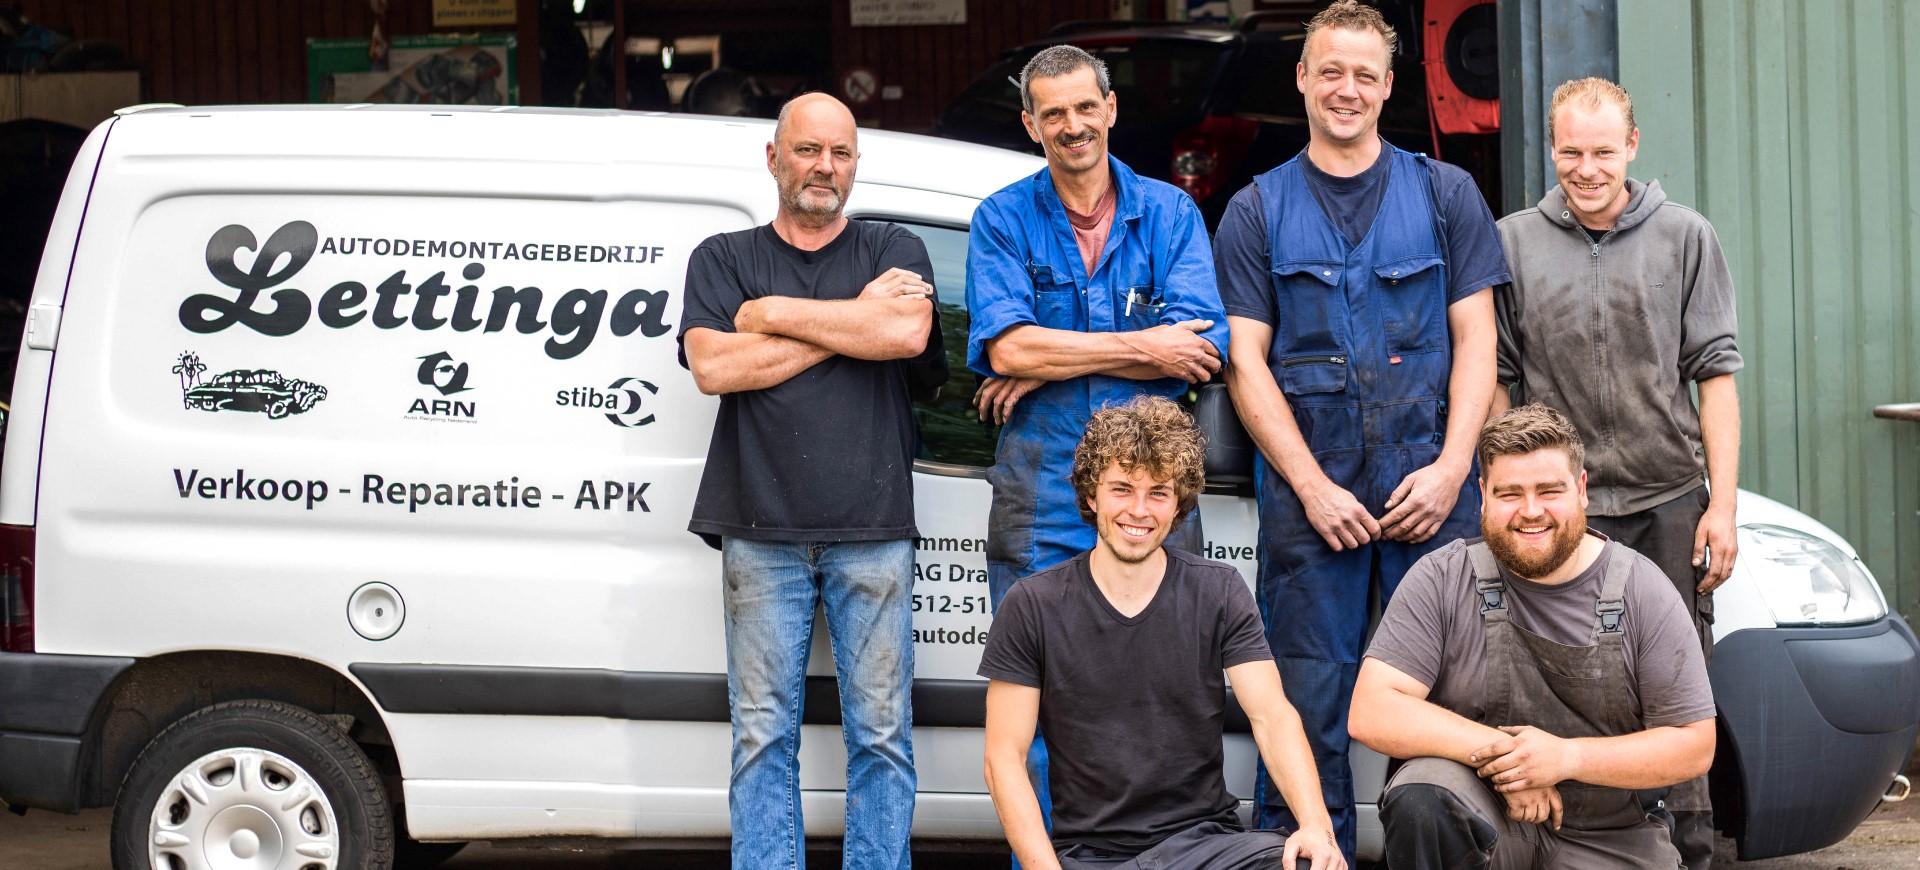 Het team van autosloperij Lettinga in Drachten in Friesland